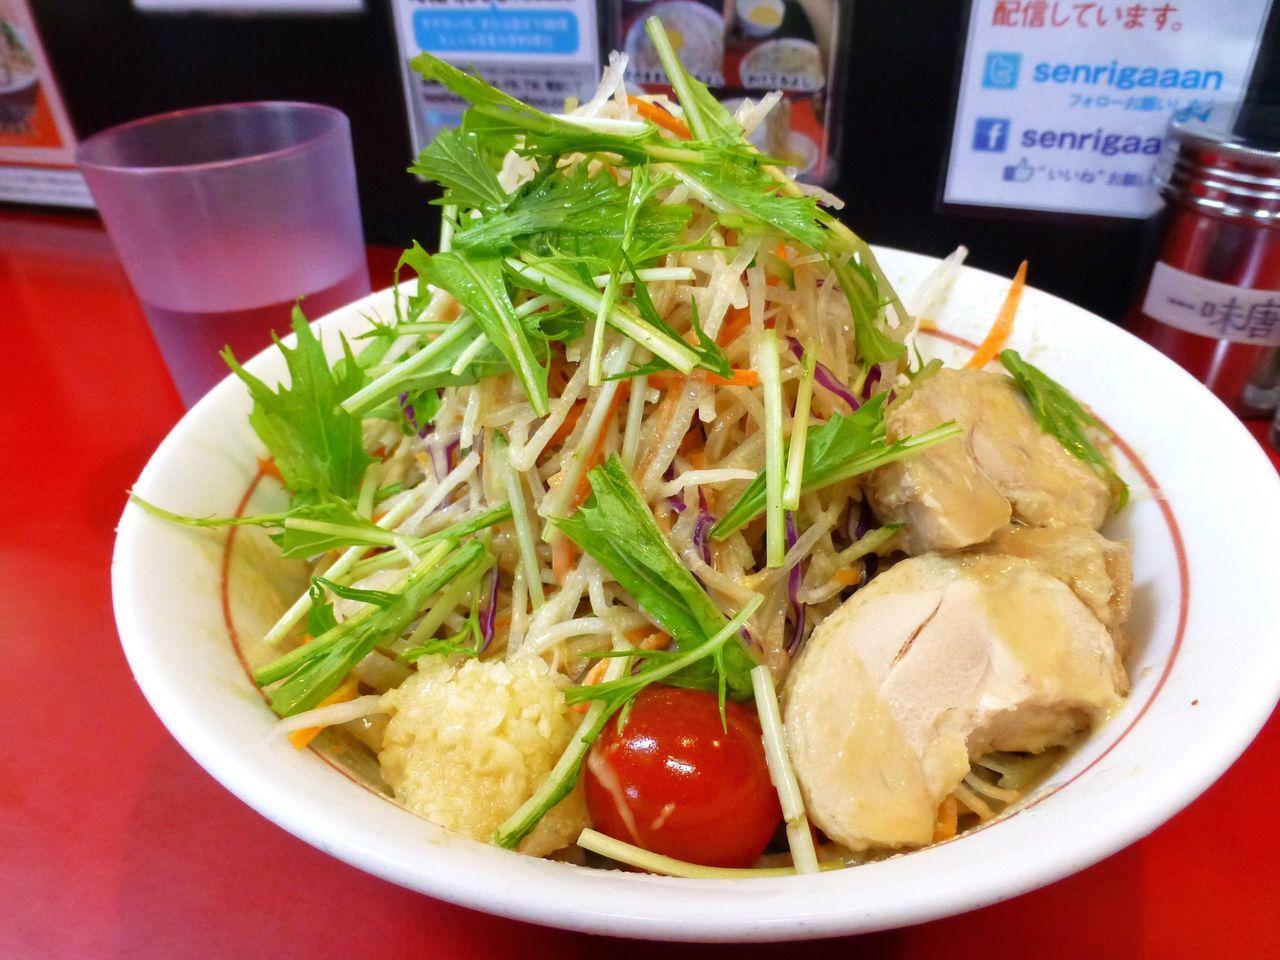 冷やし中華830円(野菜少し、ニンニク)